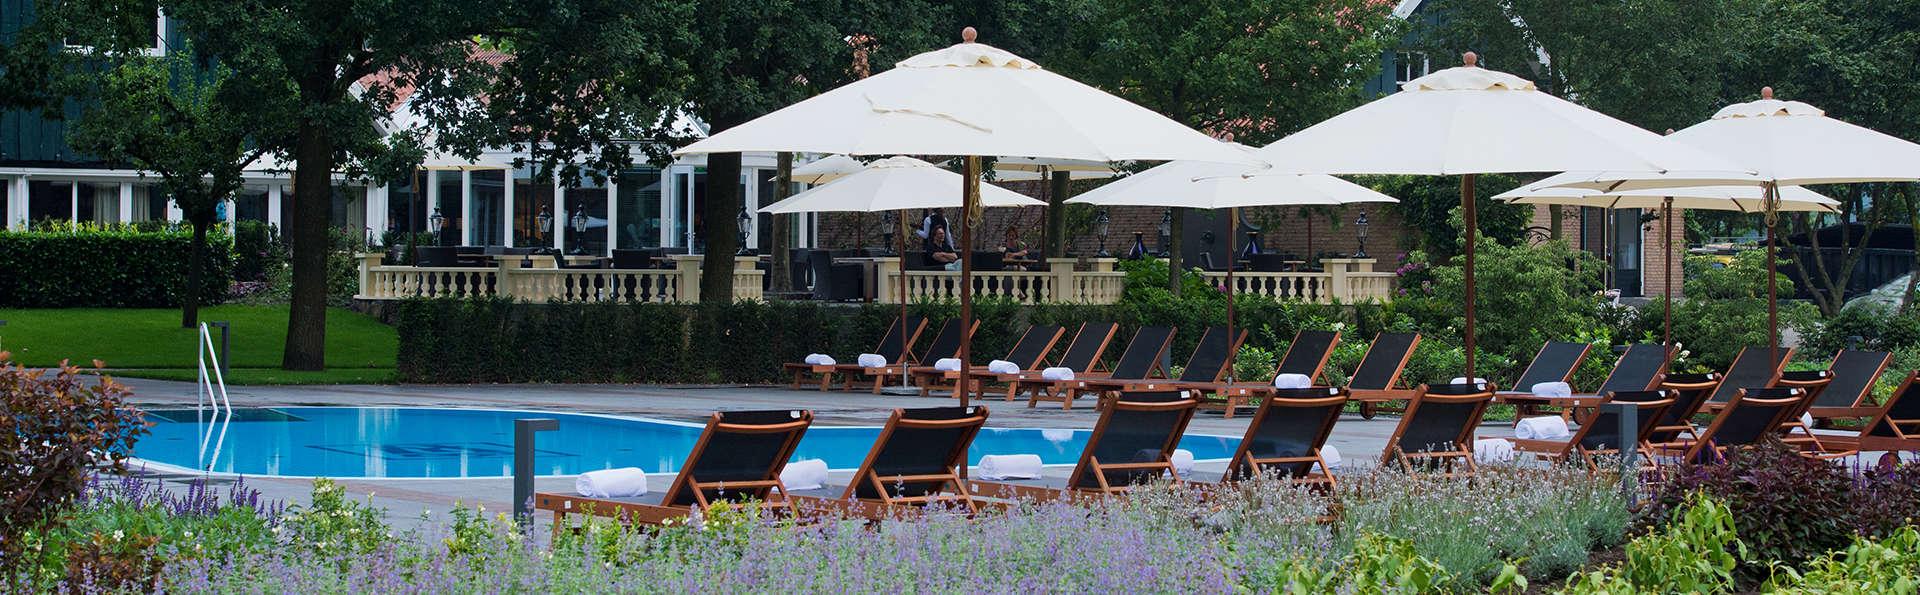 Parkhotel de Wiemsel - EDIT_pool_aussen_vom_park_aus_1.jpg